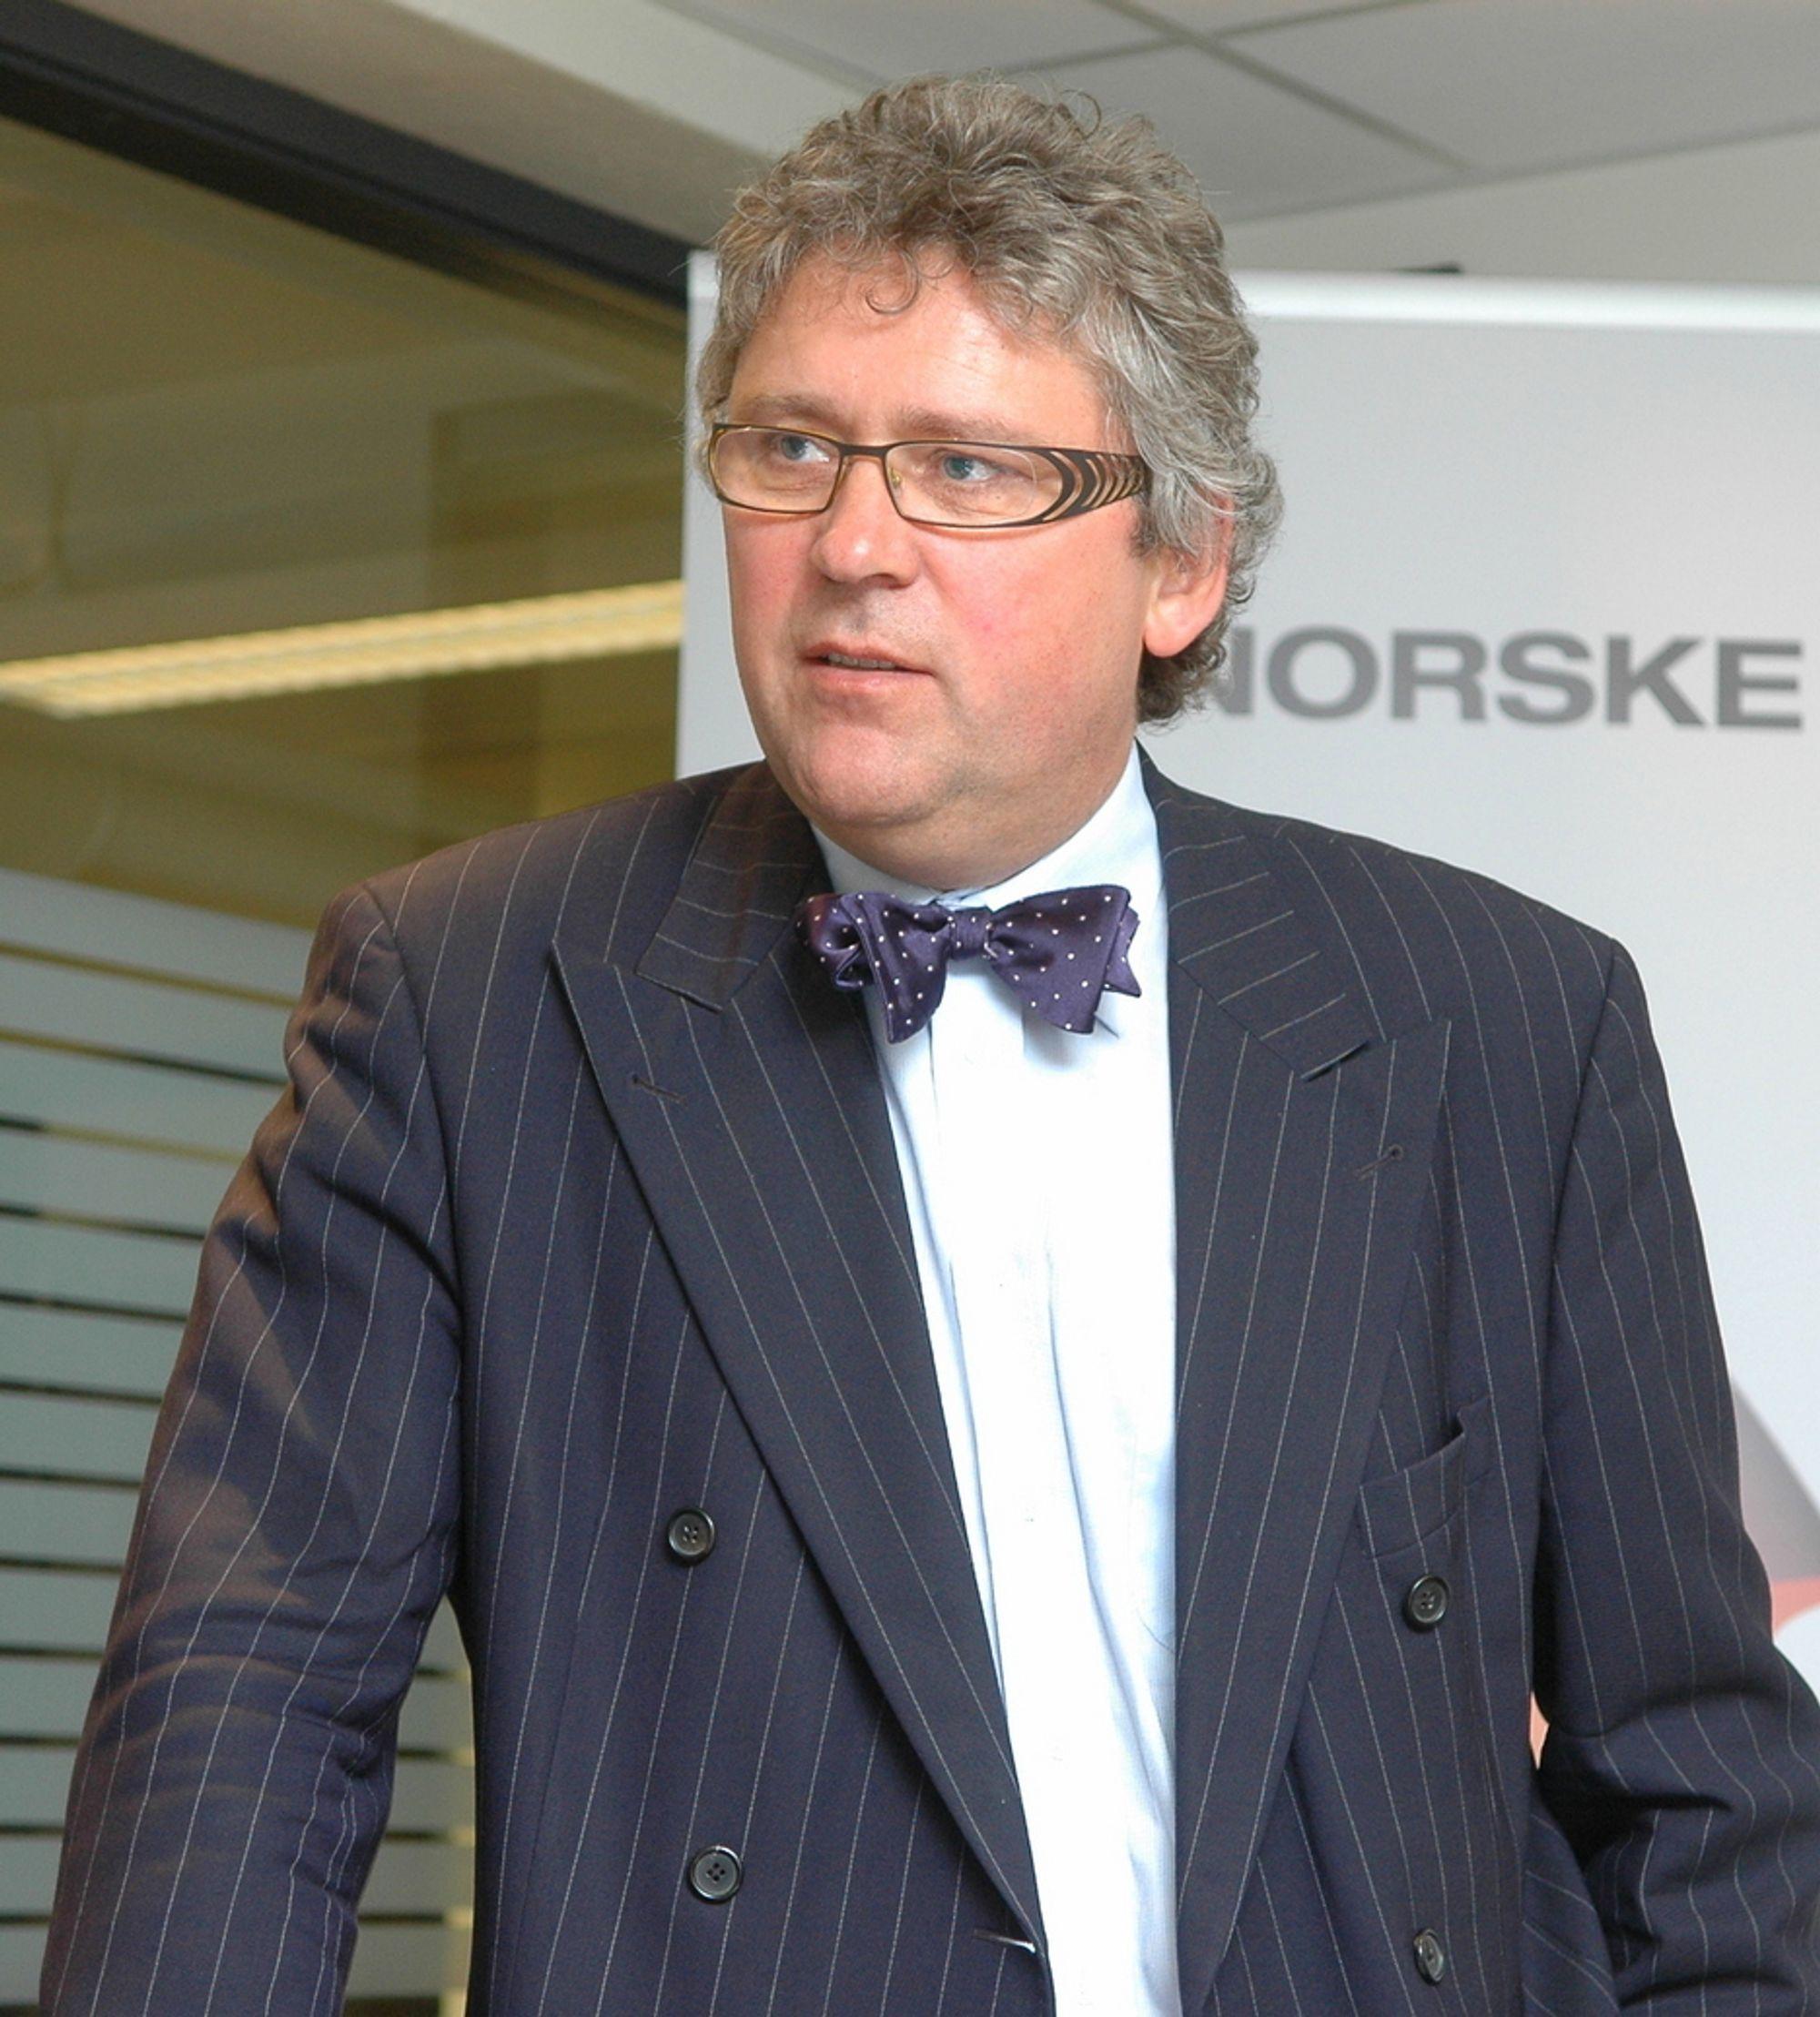 GIR GOD ØKONONMI: - Vi har levert inn en PUD som er lønnsom og som vil bidra til å åpne en helt ny oljeprovins på sokkelen, sier Erik Haugane.